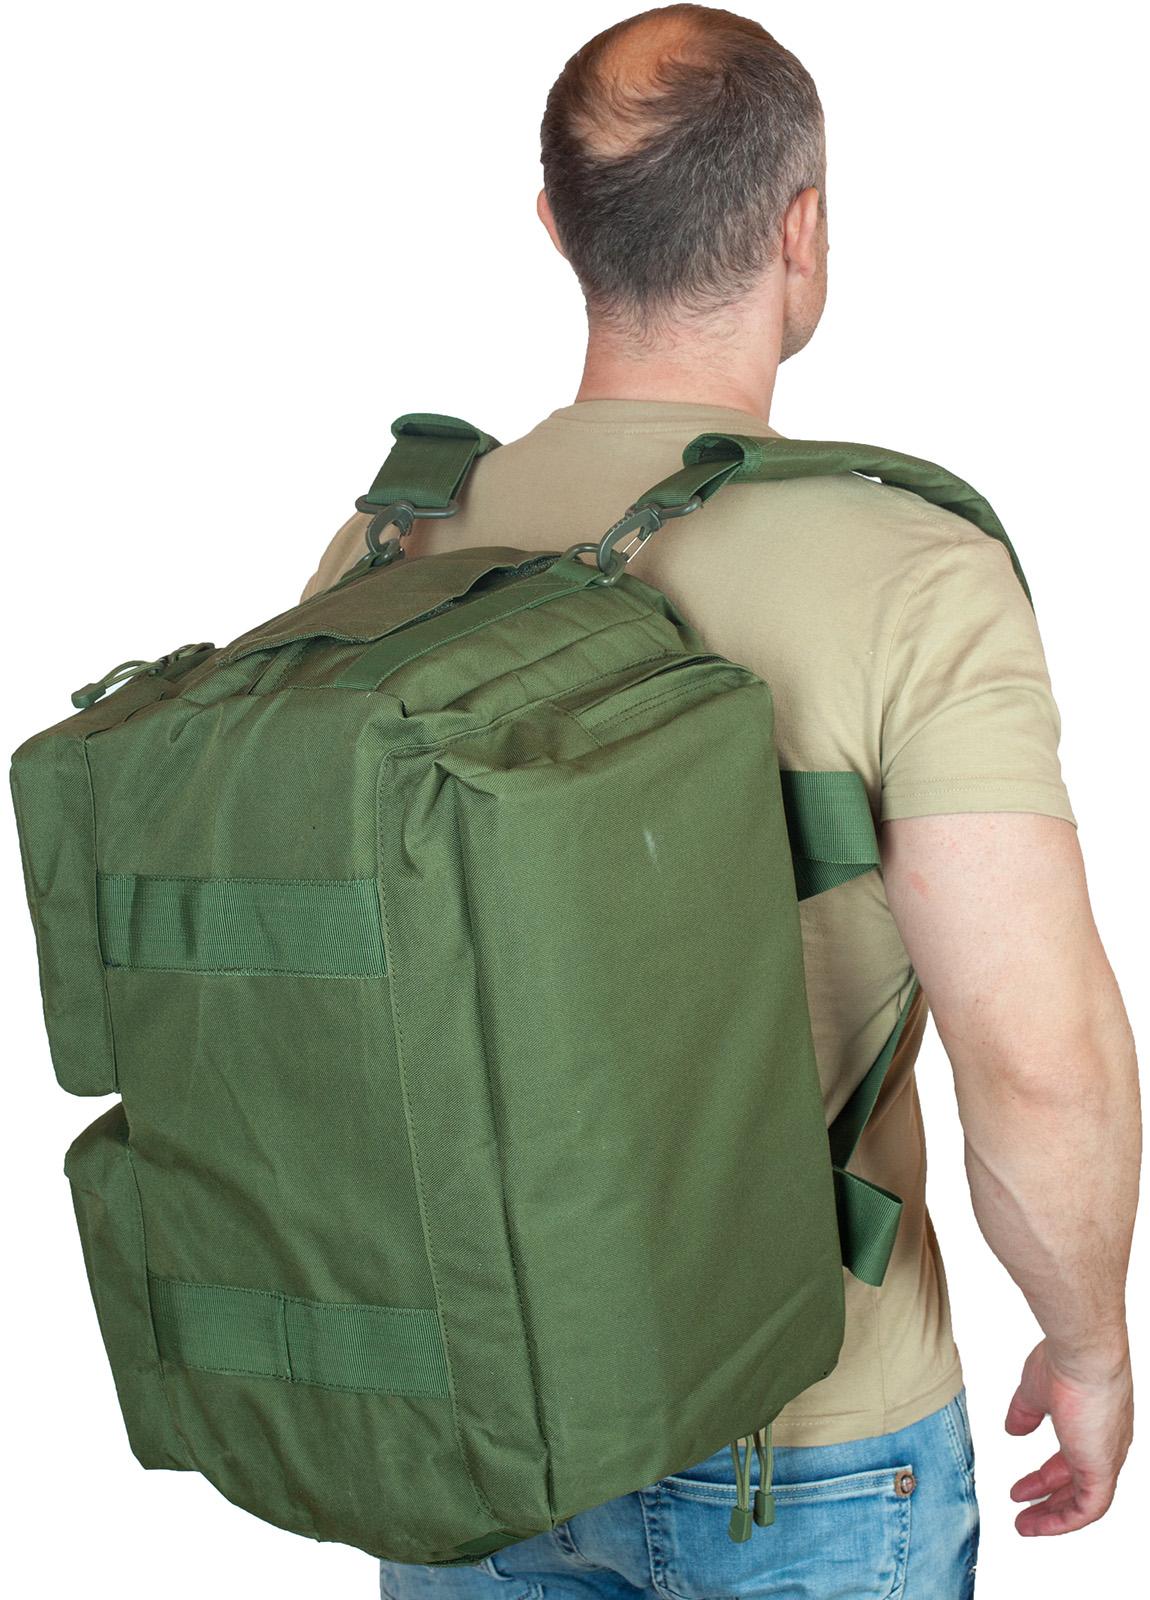 Тактическая походная сумка-рюкзак с нашивкой ДПС - купить в Военпро